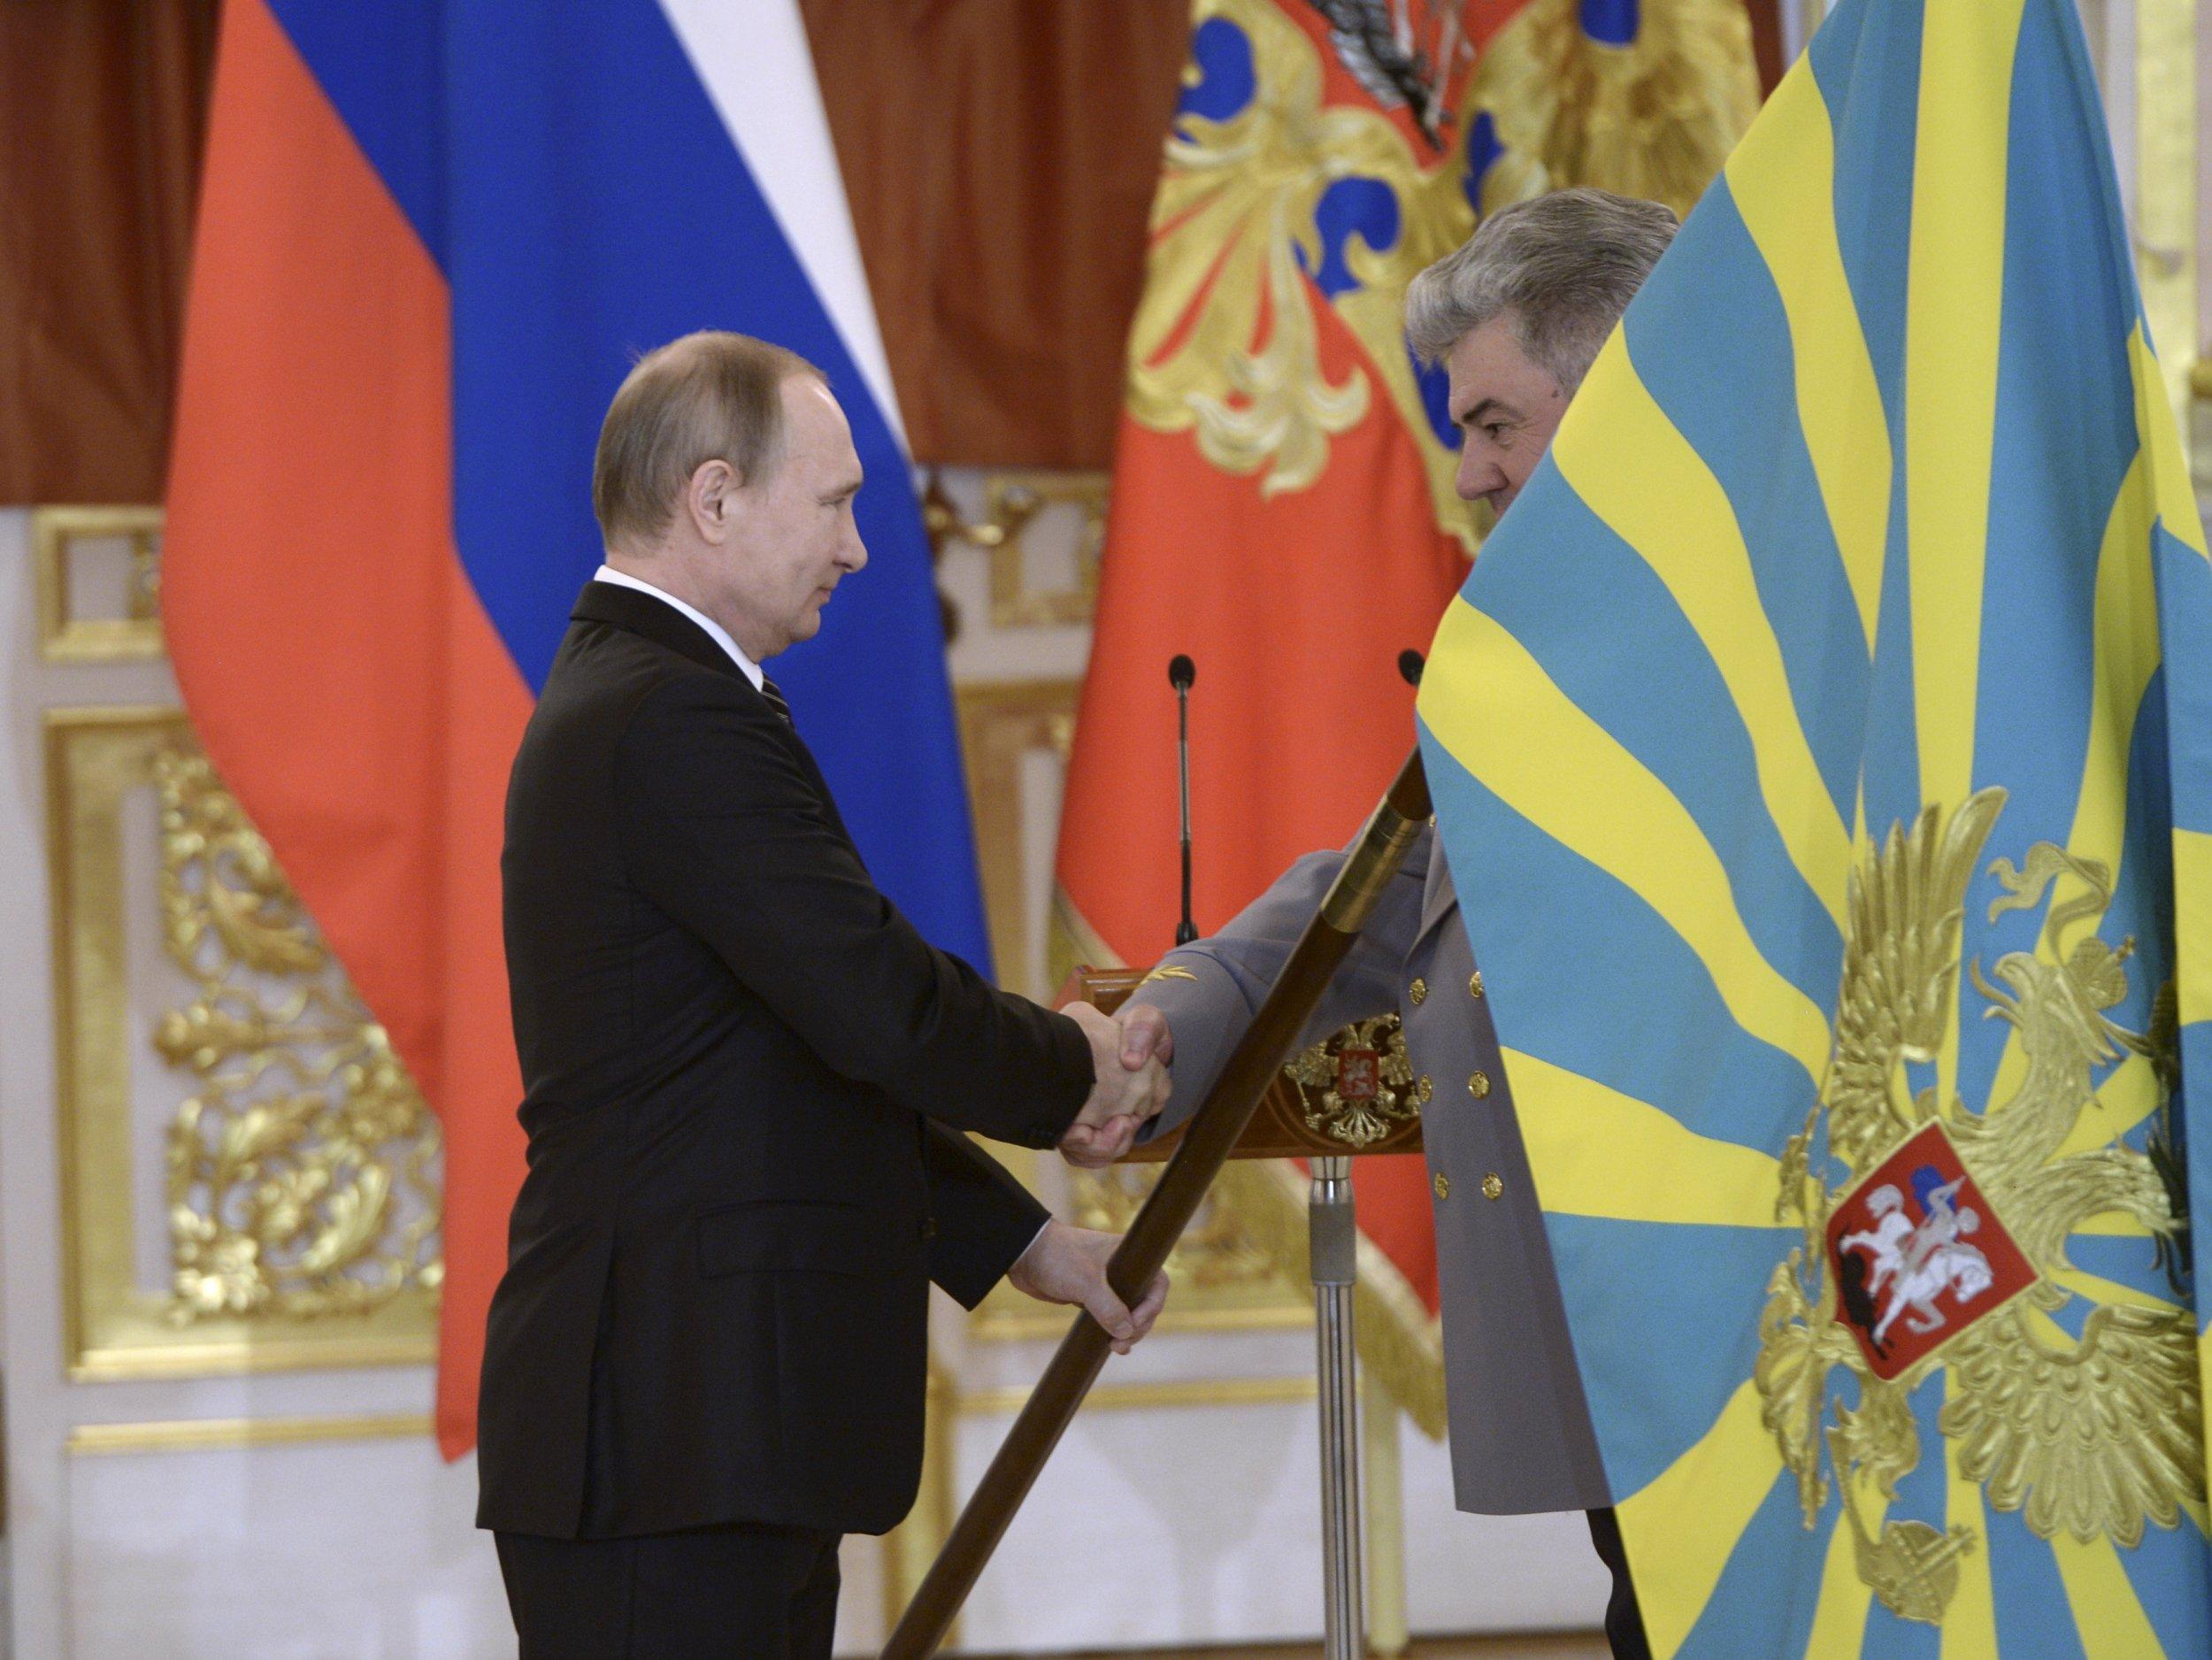 Putin Syria medals